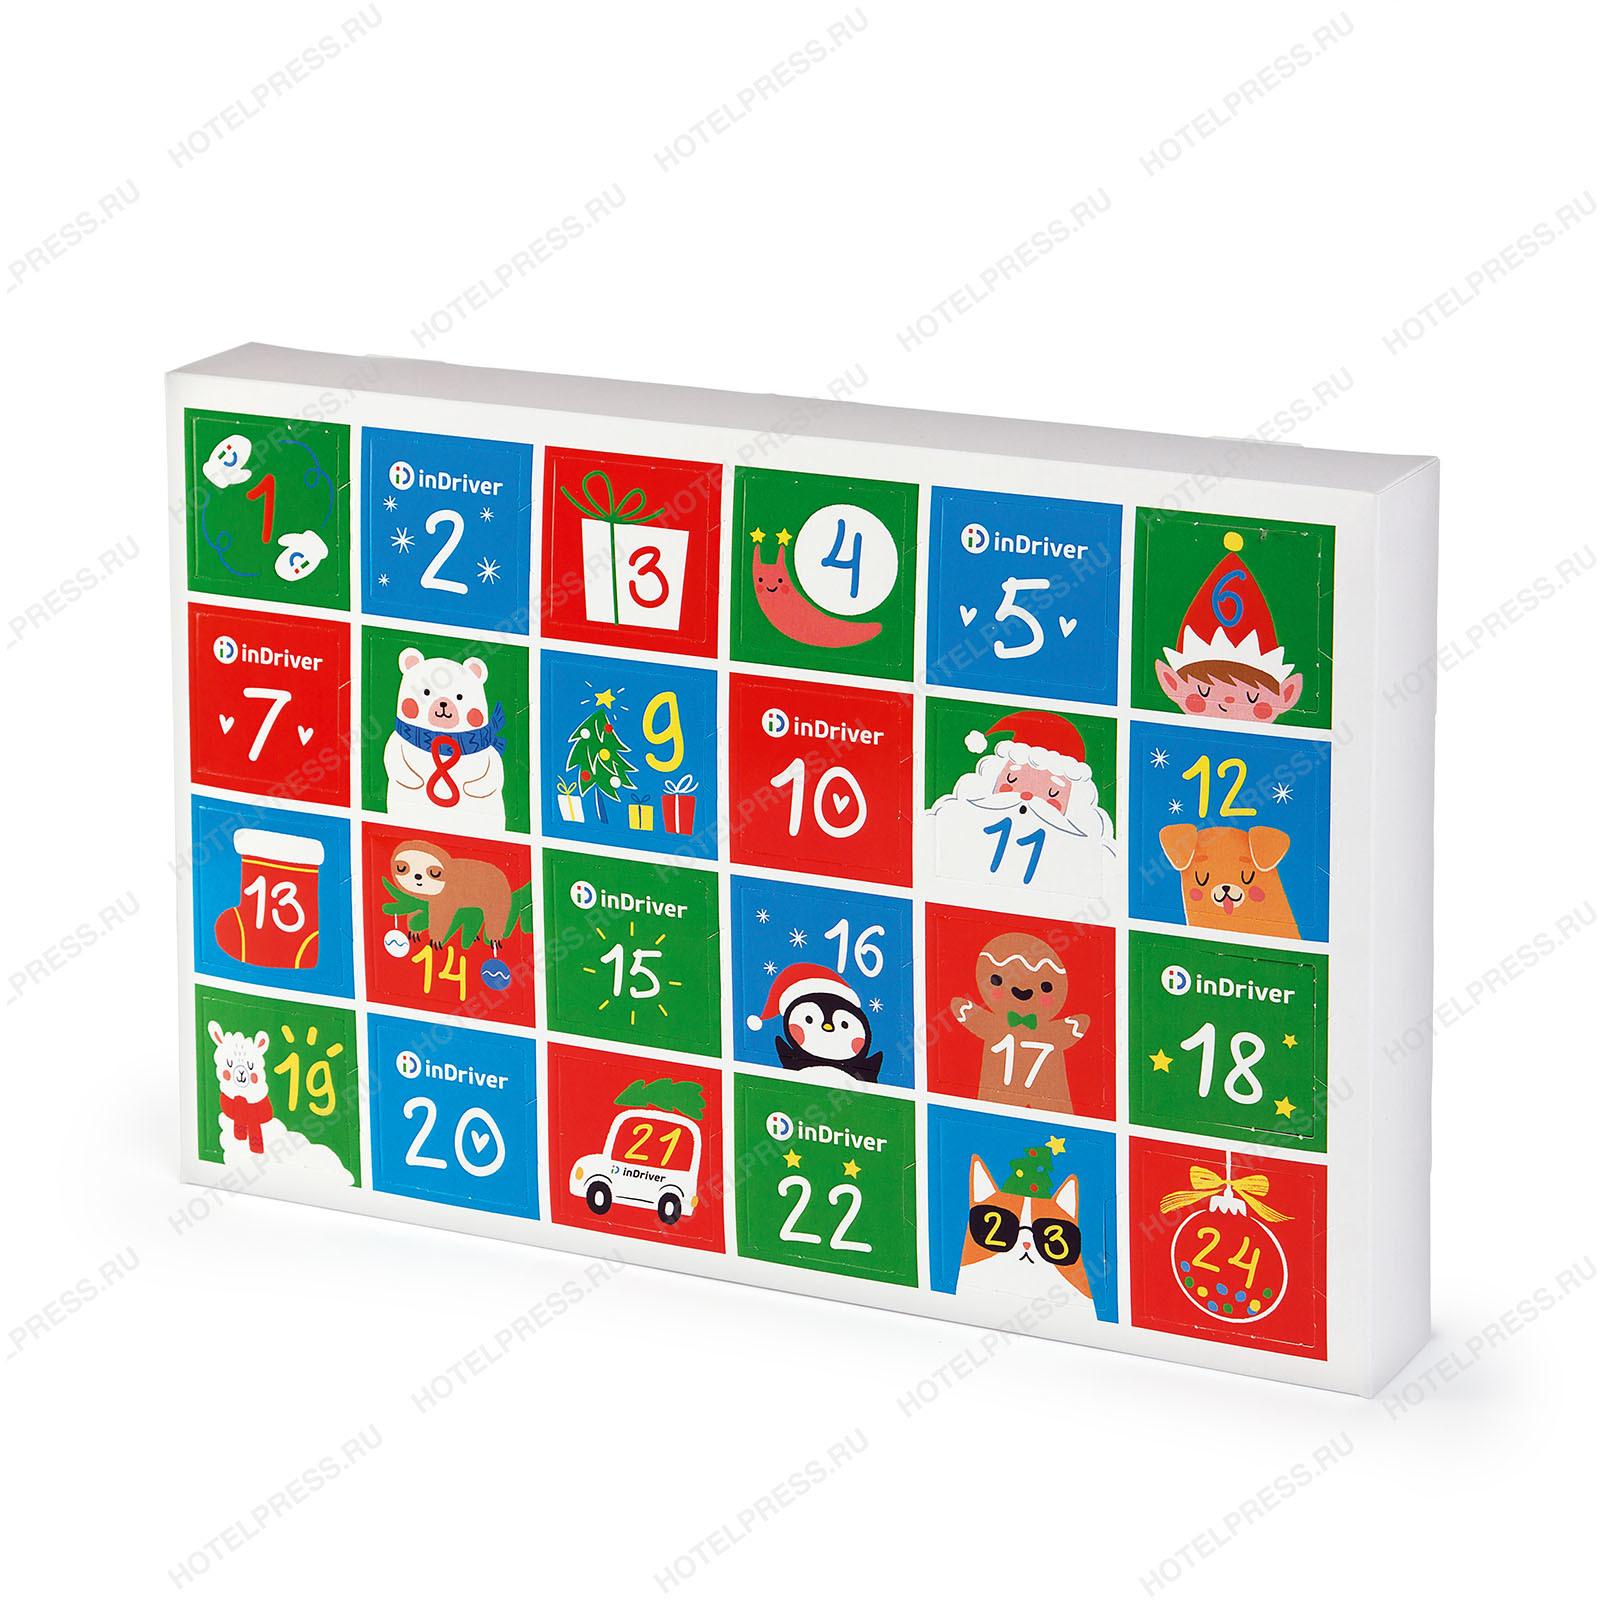 Адвент календарь на 24 конфеты Ферреро Роше для компании Indriver